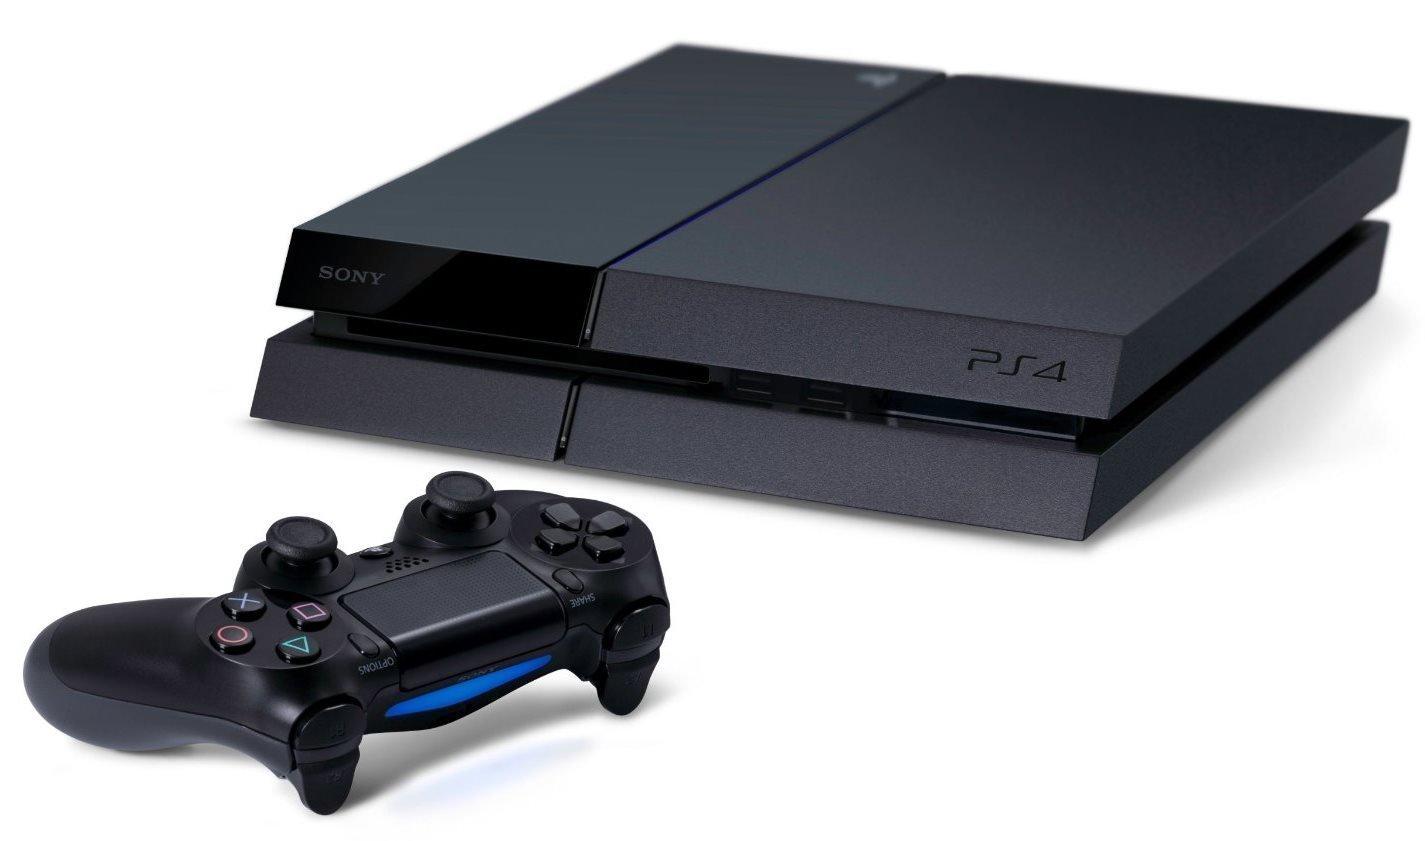 Se superan las 18 millones de unidades vendidas de Play Station 4 en 2014